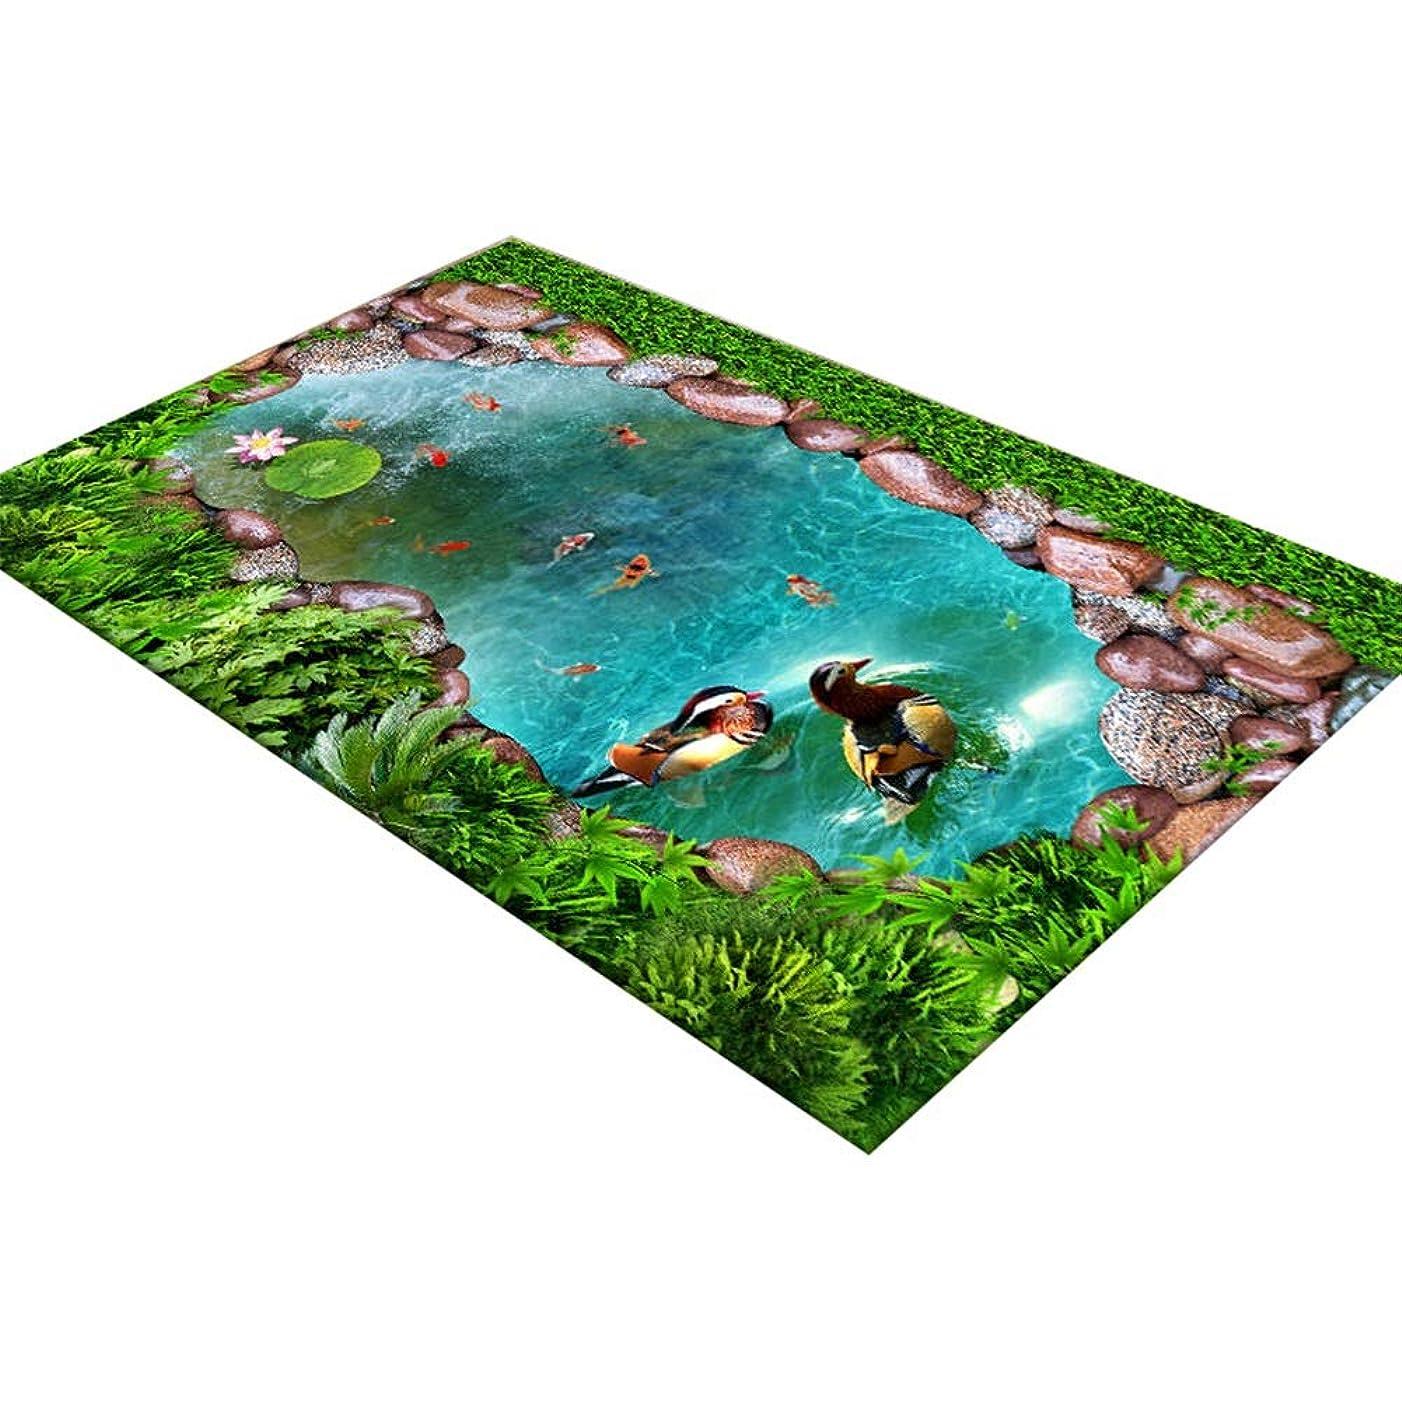 スーパー箱あざYUEWANG 玄関マットドアマットラグカーペットマットじゅうたん入り口敷物滑り止め3D 丈夫な フットパッド 寝室 浴室 キッチン 掃除が簡単、 6スタイル (Color : B, Size : 40x60cm)